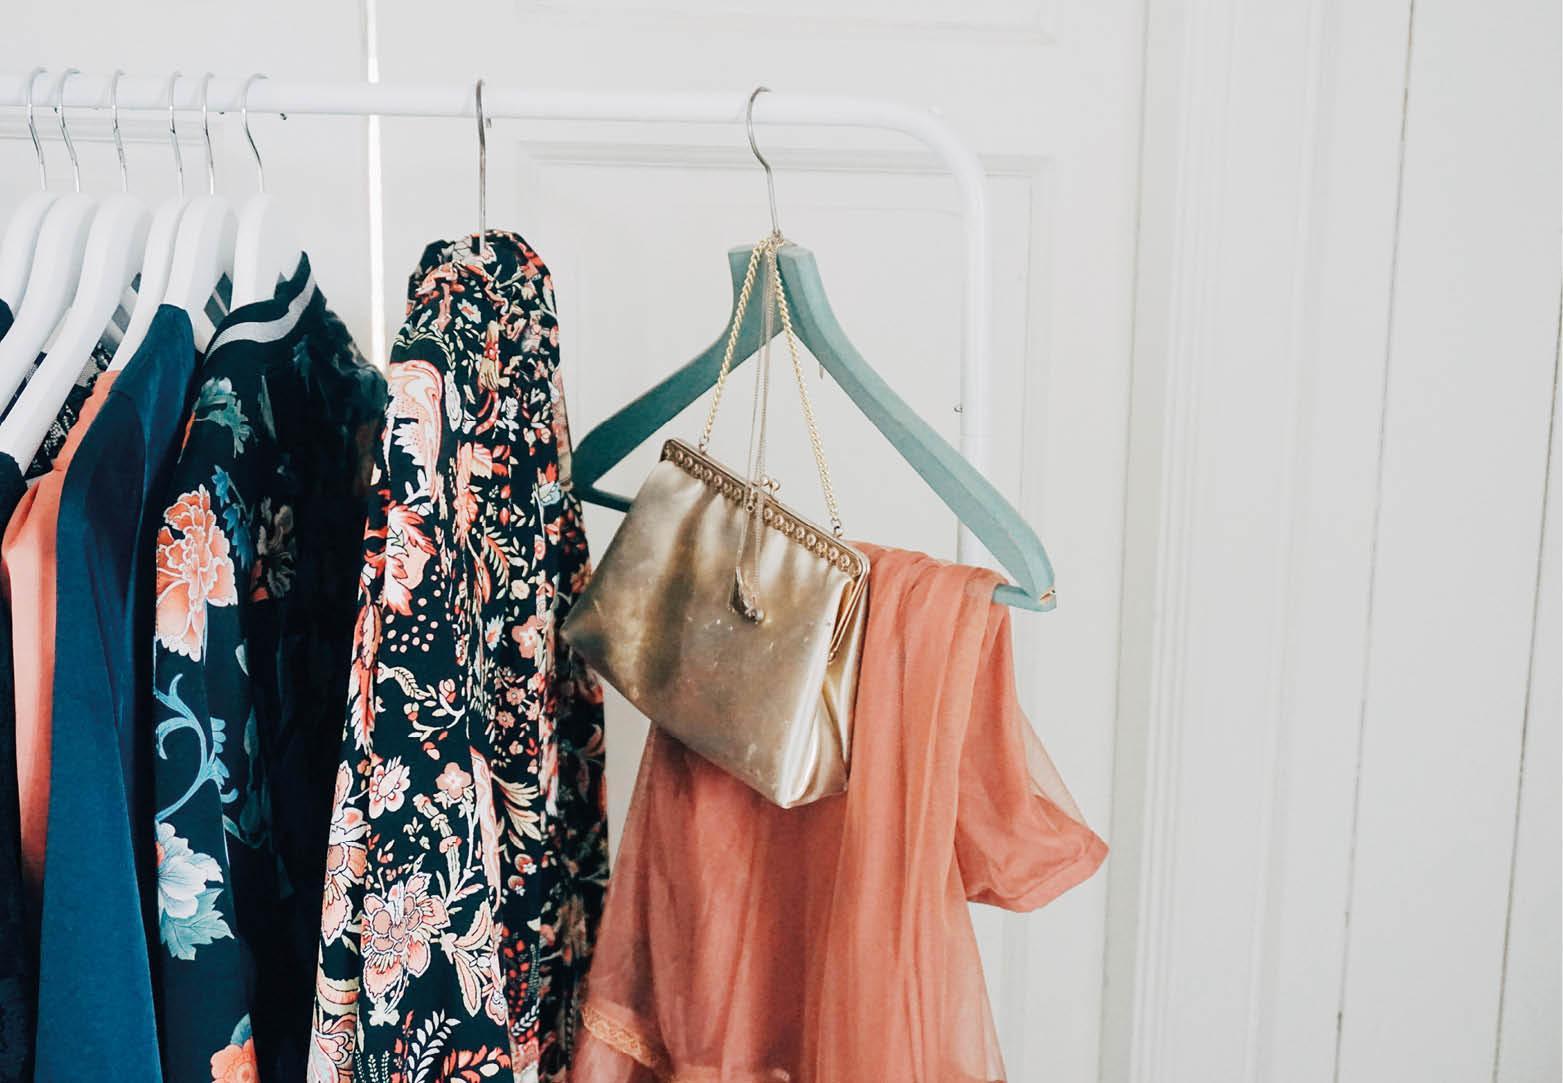 De toekomst van de mode? Bij deze bedrijven huur je kleding in plaats van dat je het koopt